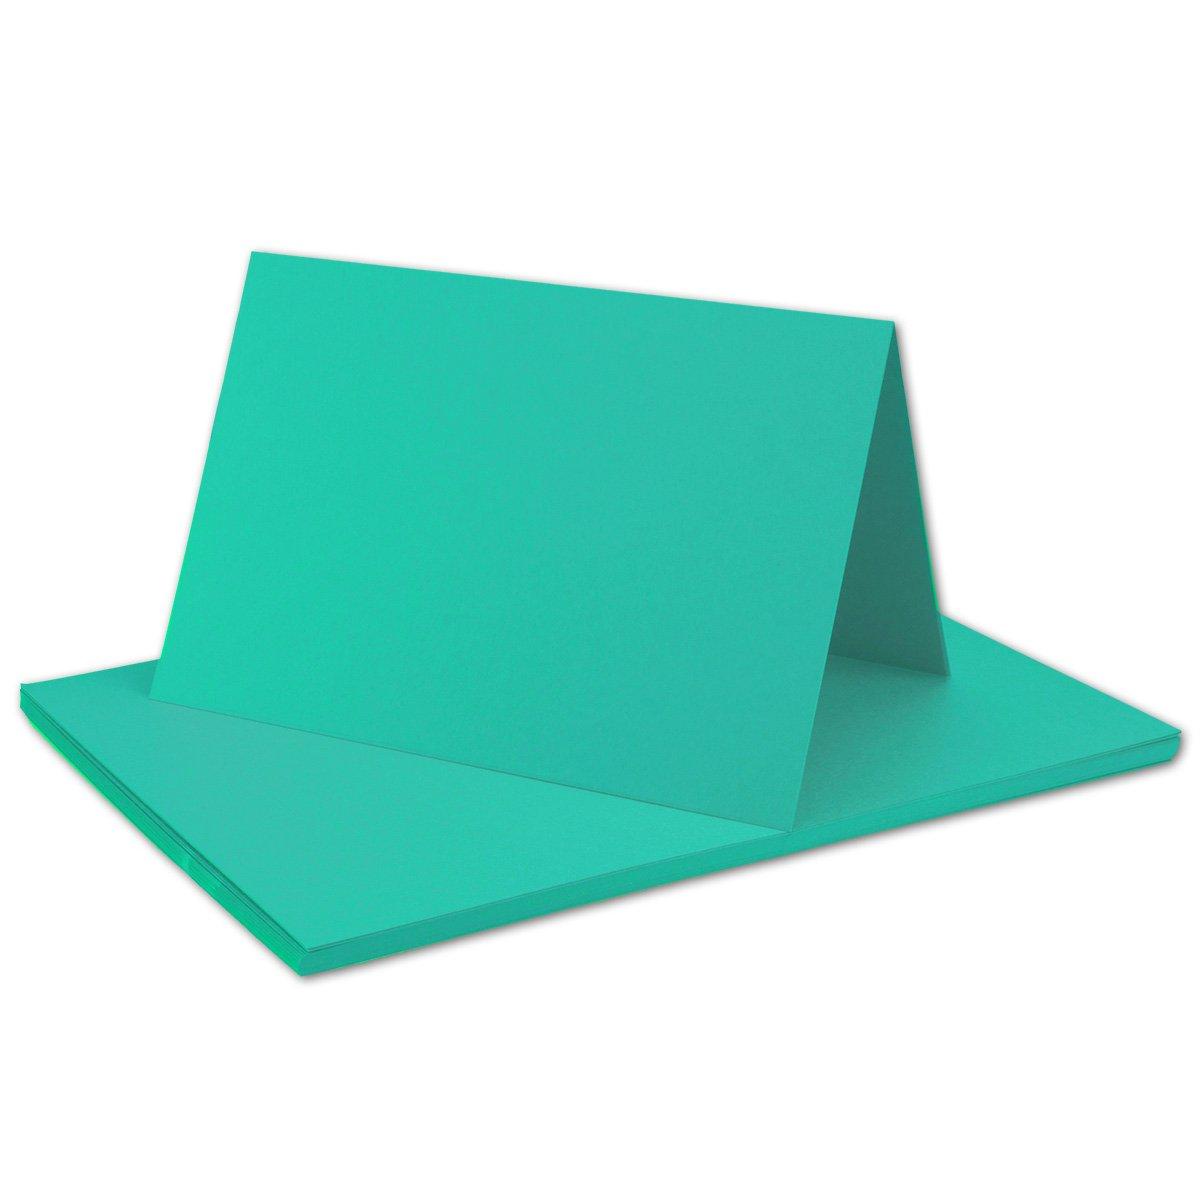 250x Falt-Karten DIN A6 Blanko Doppel-Karten in Hochweiß Kristallweiß -10,5 x 14,8 cm   Premium Qualität   FarbenFroh® B079VKYXQW | Abgabepreis